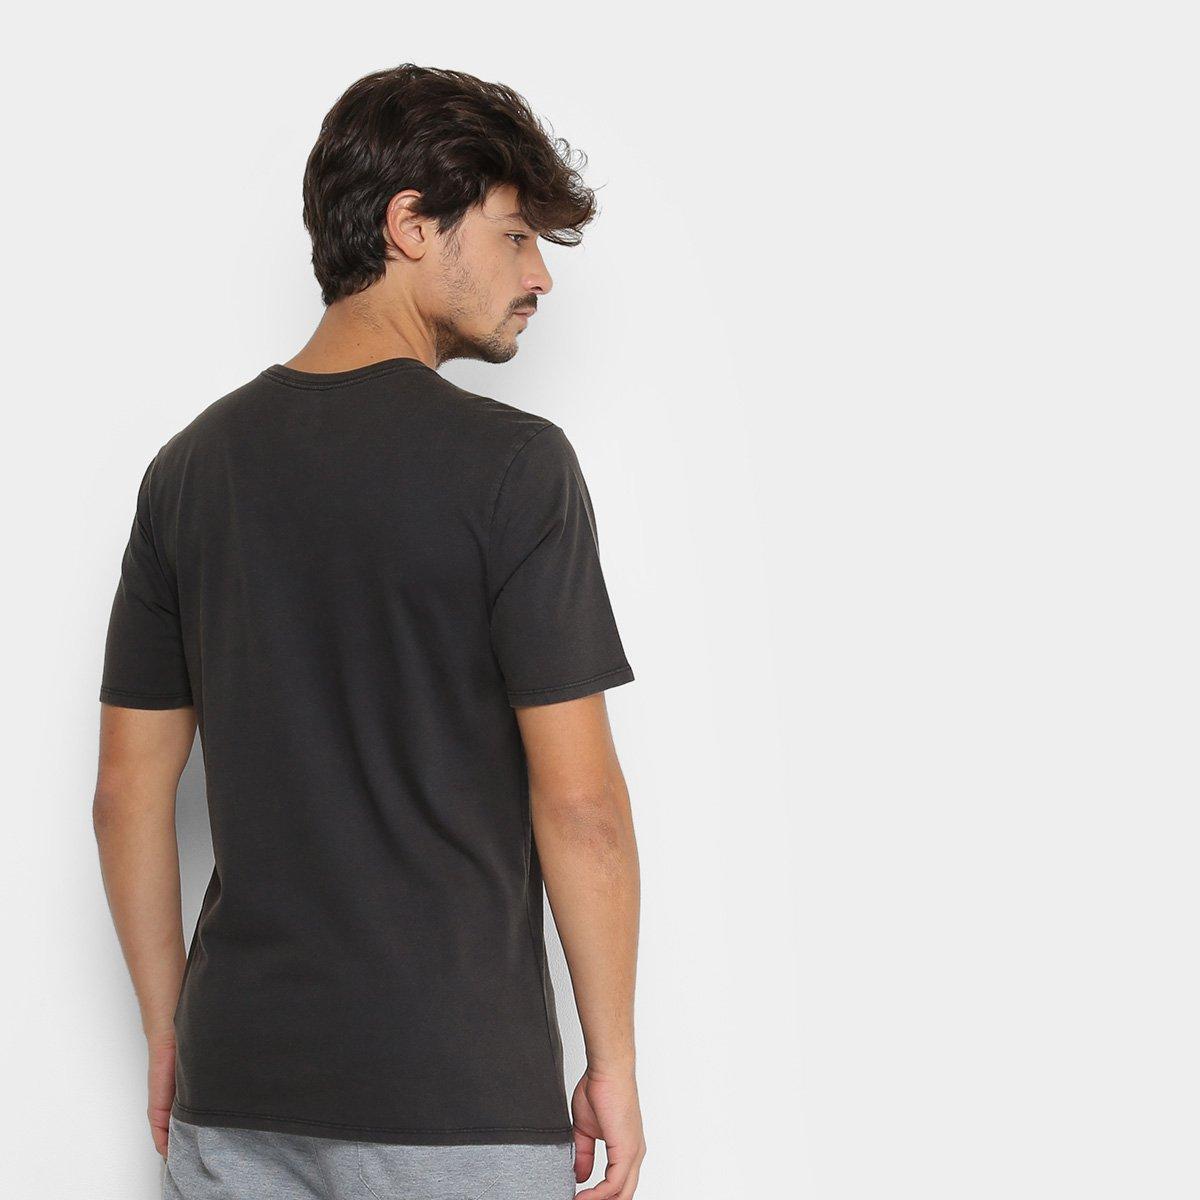 698f5ff678 Camiseta Nike SB Tee Vertical Dye Masculina - Preto e Branco ...